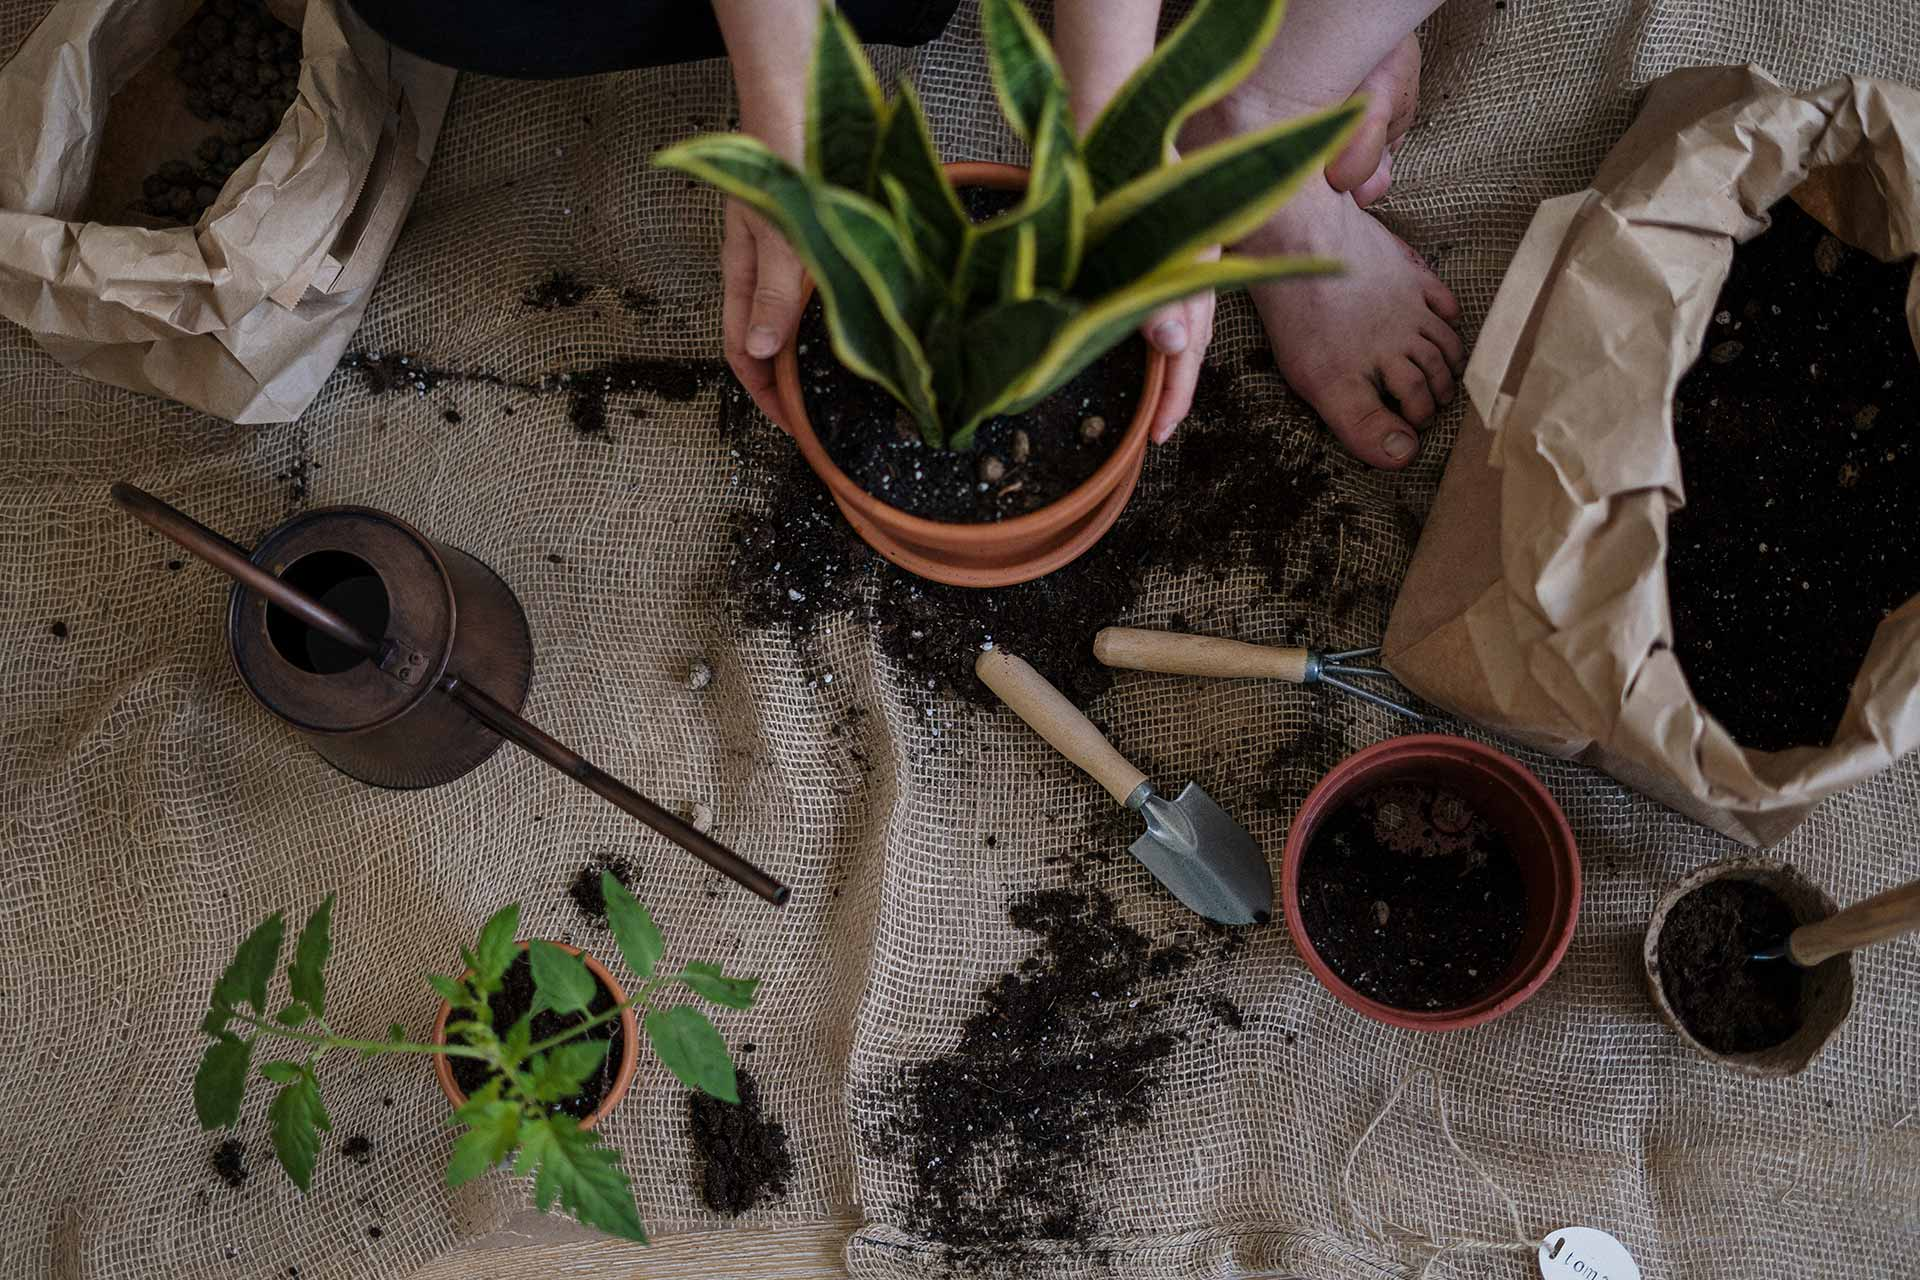 Efter några veckor när din stickling har växt till sig, så kan du plantera om den i en större kruka.